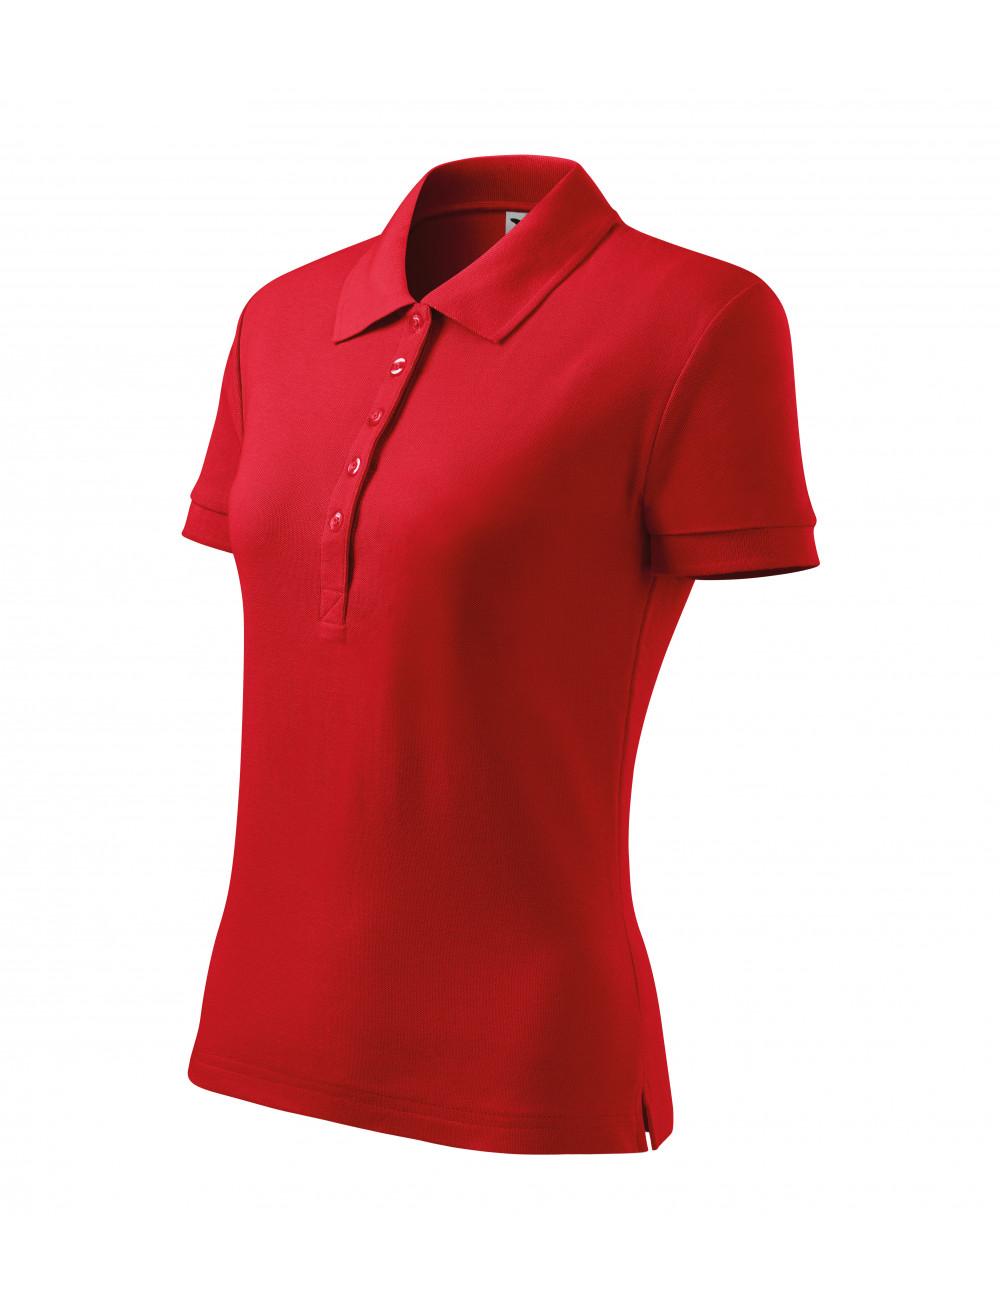 Adler MALFINI Koszulka polo damska Cotton Heavy 216 czerwony